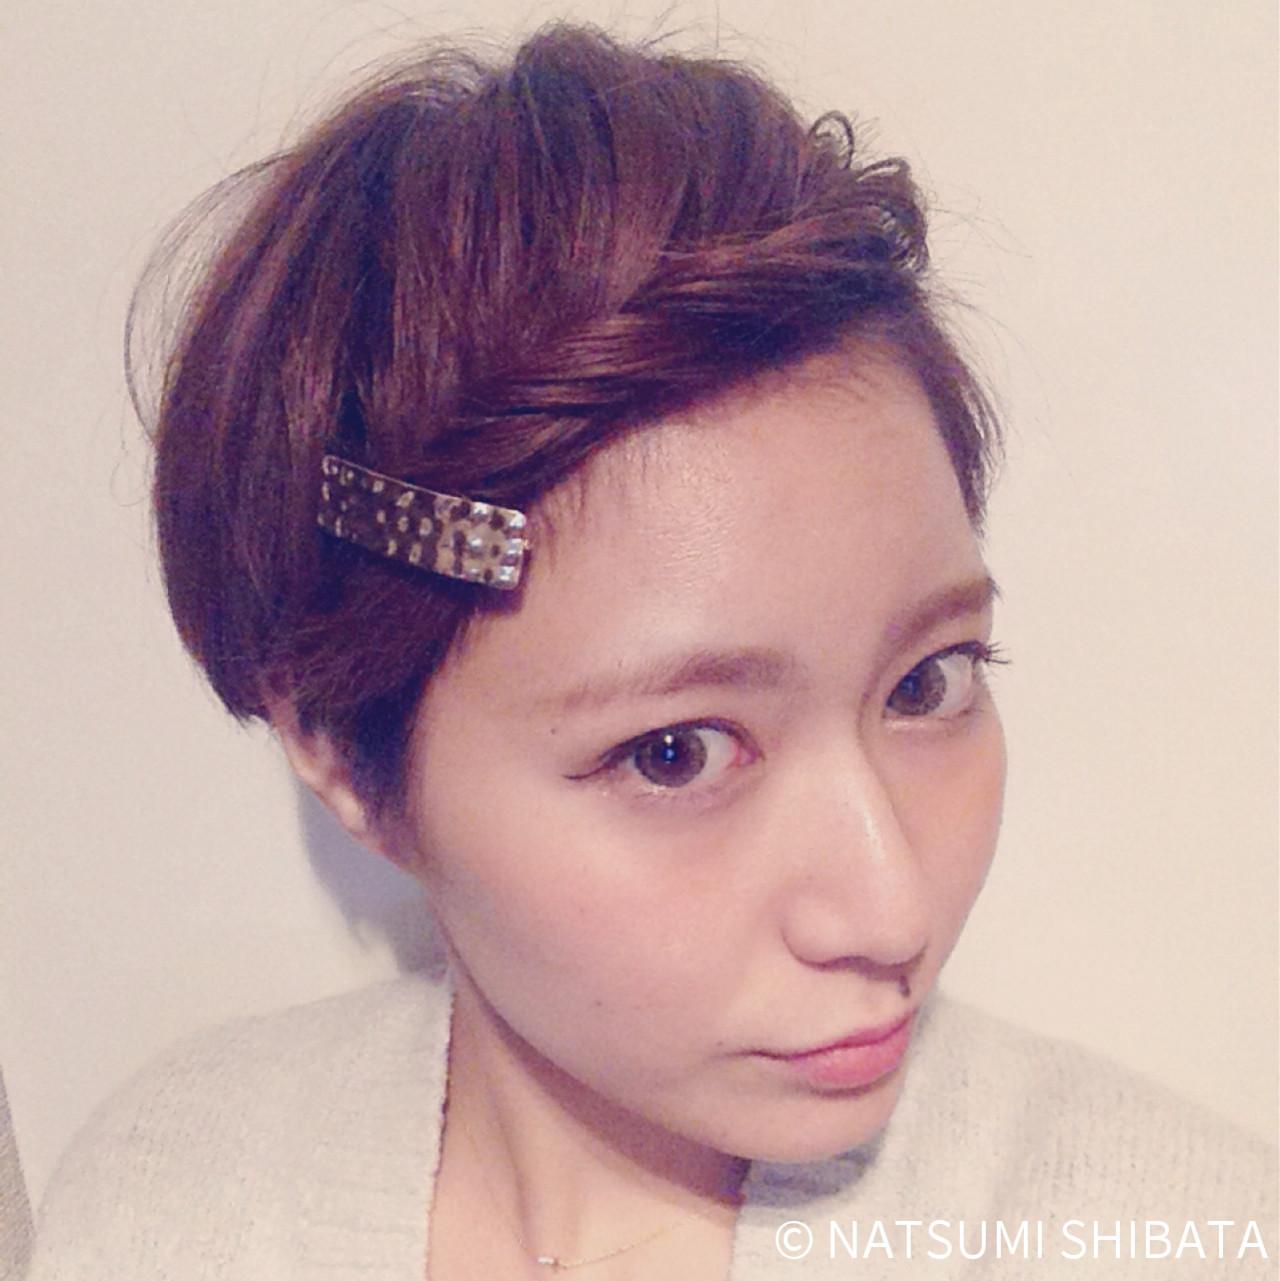 特別な日のスタイリング。意外と簡単にできるショートヘアアレンジ♡ NATSUMI SHIBATA